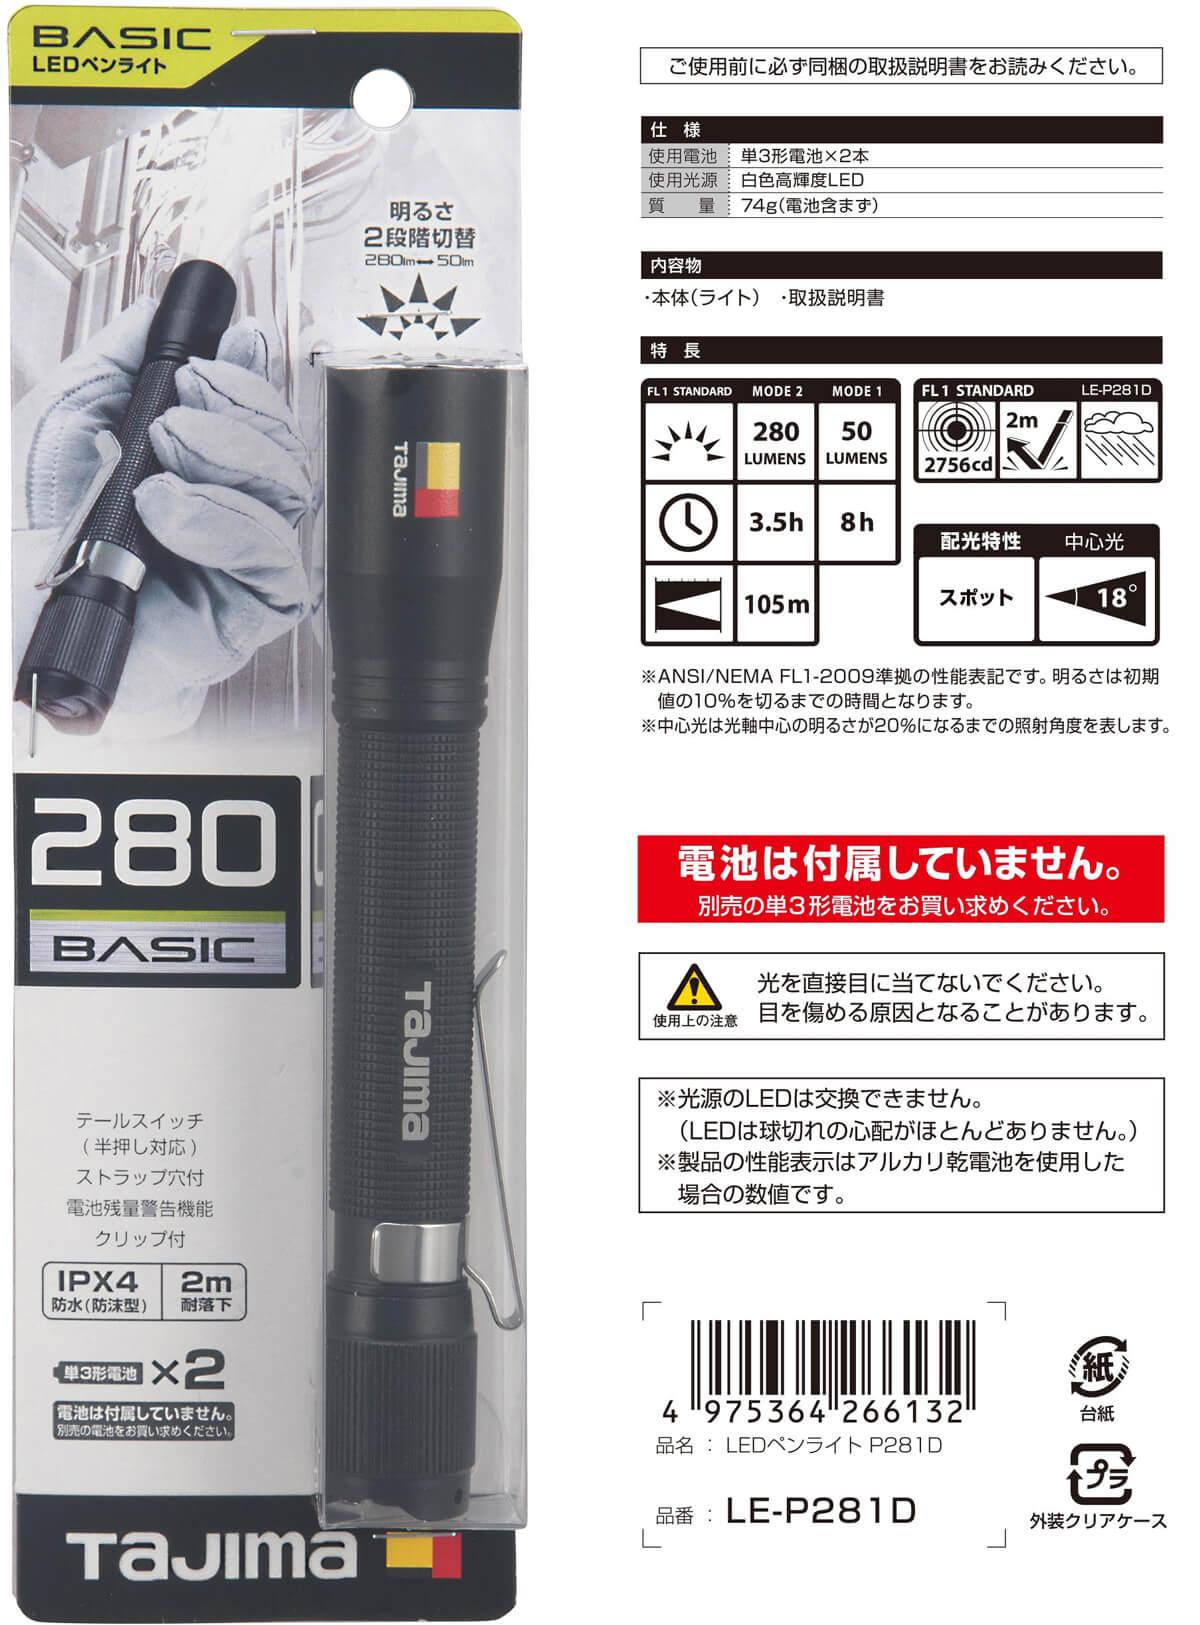 LE-P281D